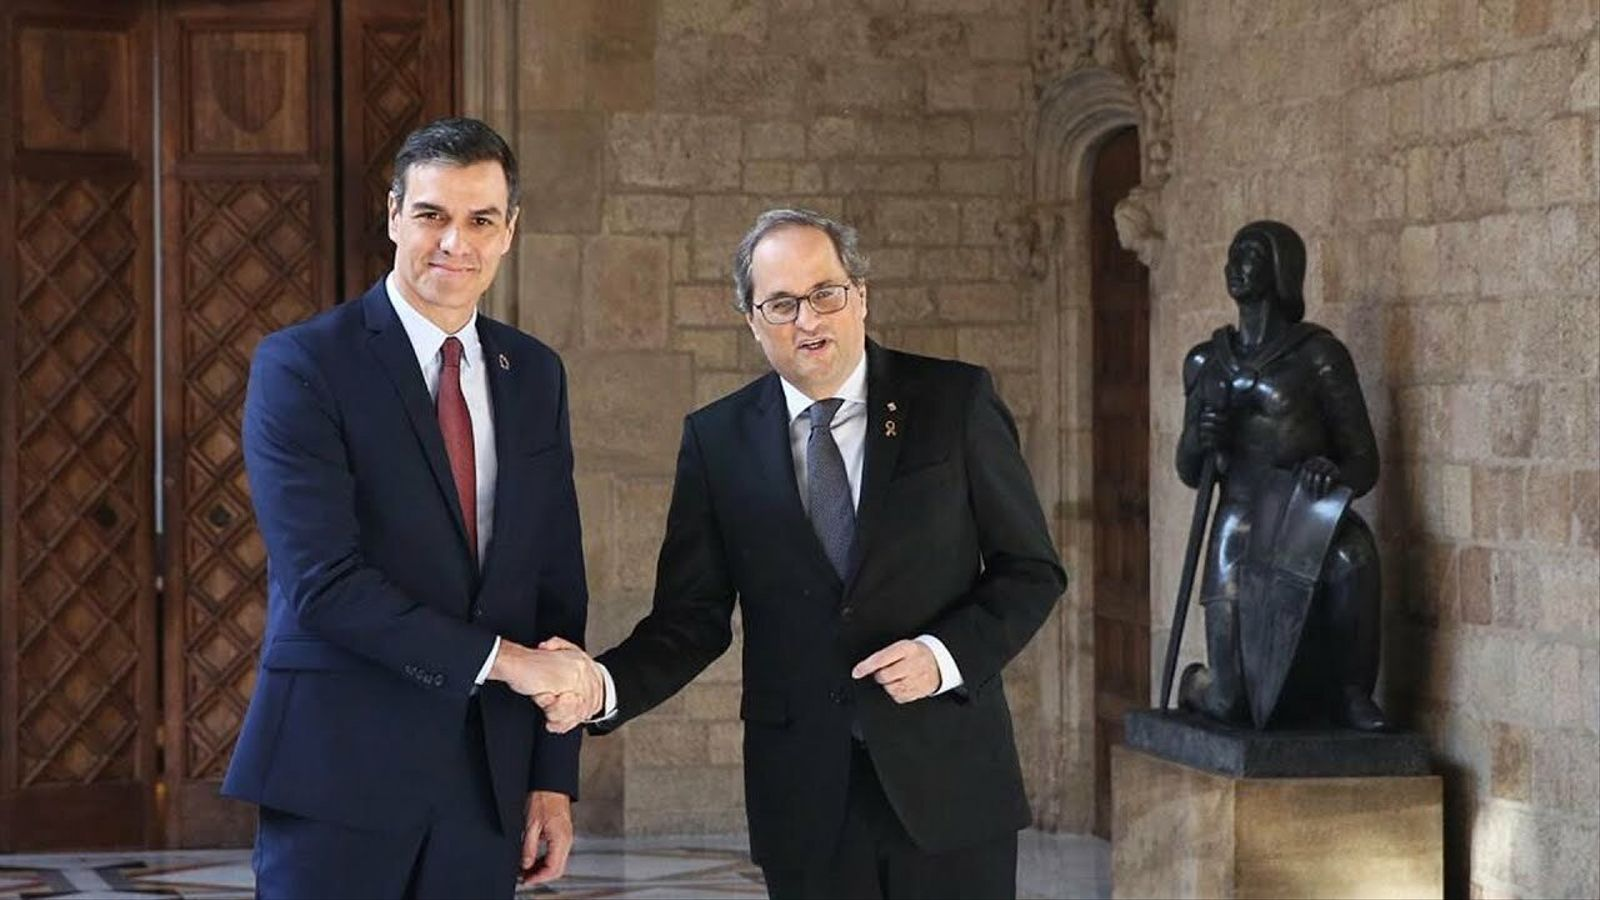 Reunió entre Quim Torra i Pedro Sánchez al Palau de la Generalitat